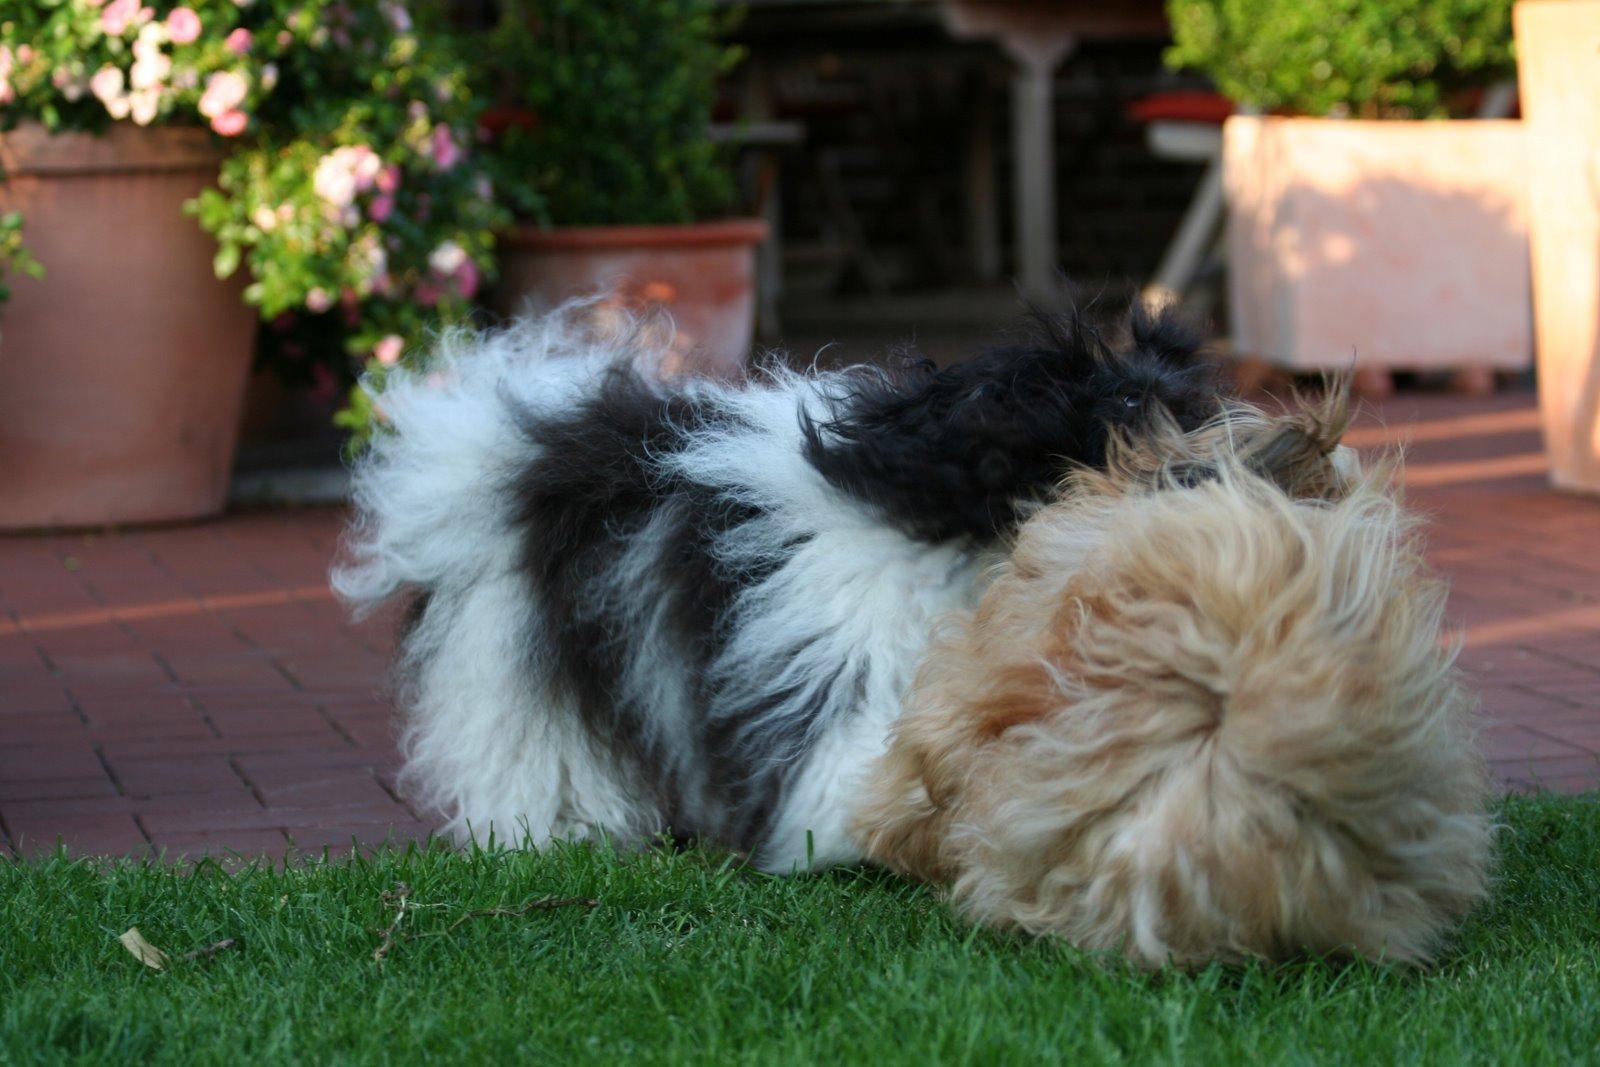 PEDORO HAVANESER ausgewachsen/erwachsen, Farbe schwarz weiß und rotzobel Libby u. Xenia